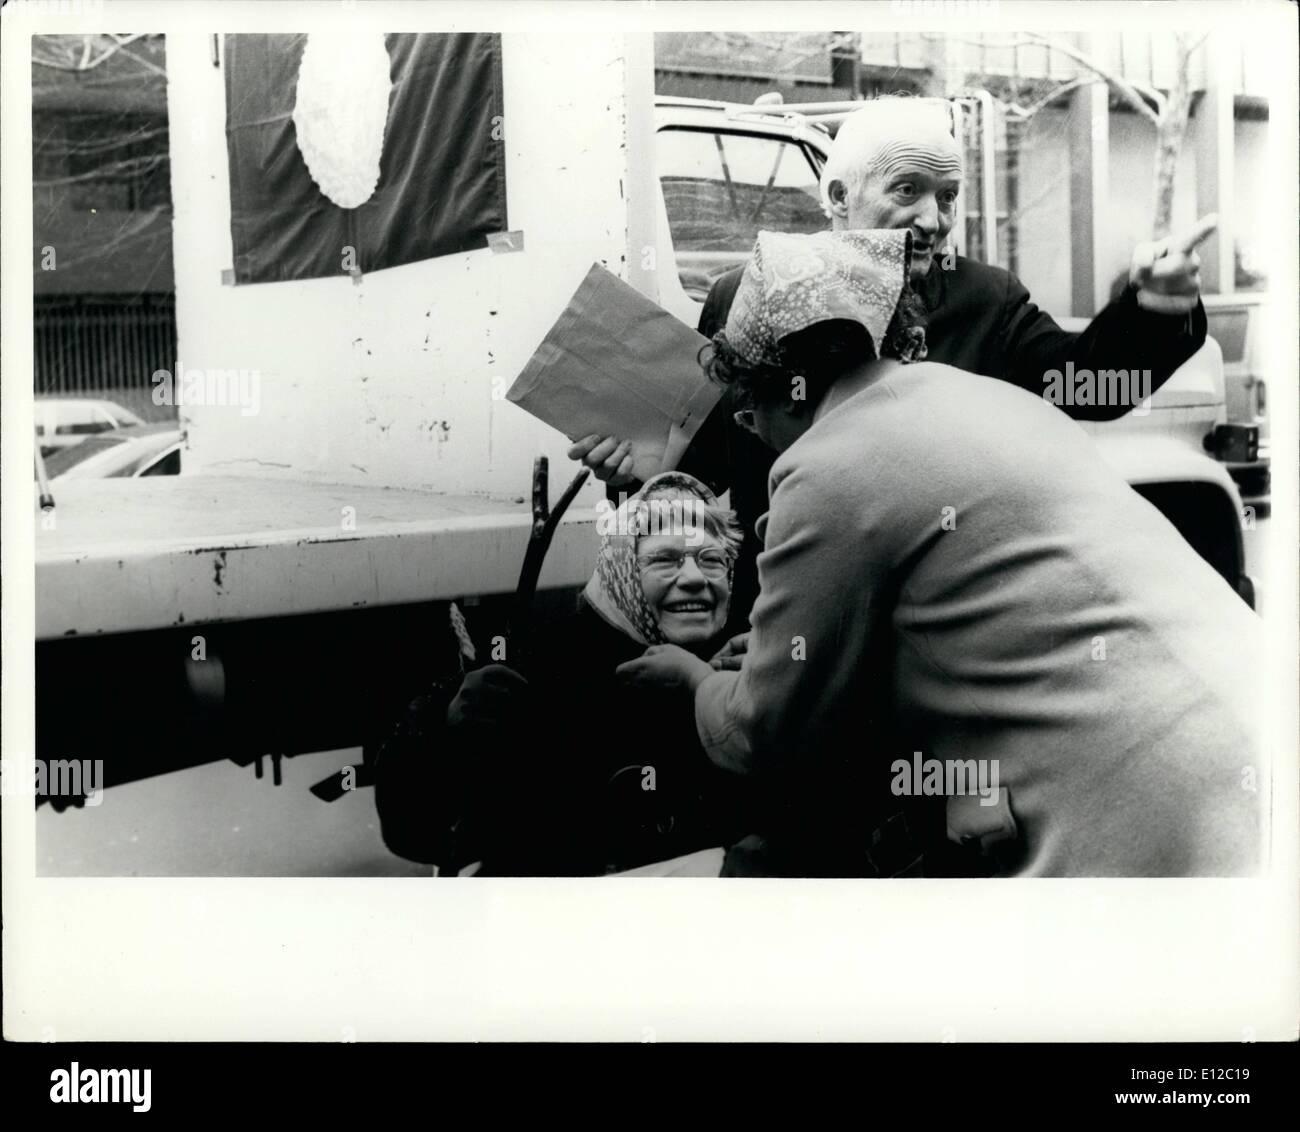 16 dic 2011 - La Giornata della Terra 1977 Margaret Mead famoso antropologo e international presidentessa della Giornata della Terra 1977 rung di pace delle Nazioni Unite sulla campana Marc 20, 1977 per segnalare il momento dell'equinozio di primavera e la Giornata della Terra. La Giornata della Terra è celebrata per ricordare a tutti gli uomini la loro parte nella conservazione di questo pianeta. Si prevede di rendere la Giornata della Terra una festività internazionale. OPS: Margaret Mead ottenendo un ''babushka'' contro il freddo vento e pioggia - John McConnell Presidente Società di terra (Earth Day Flag) Immagini Stock